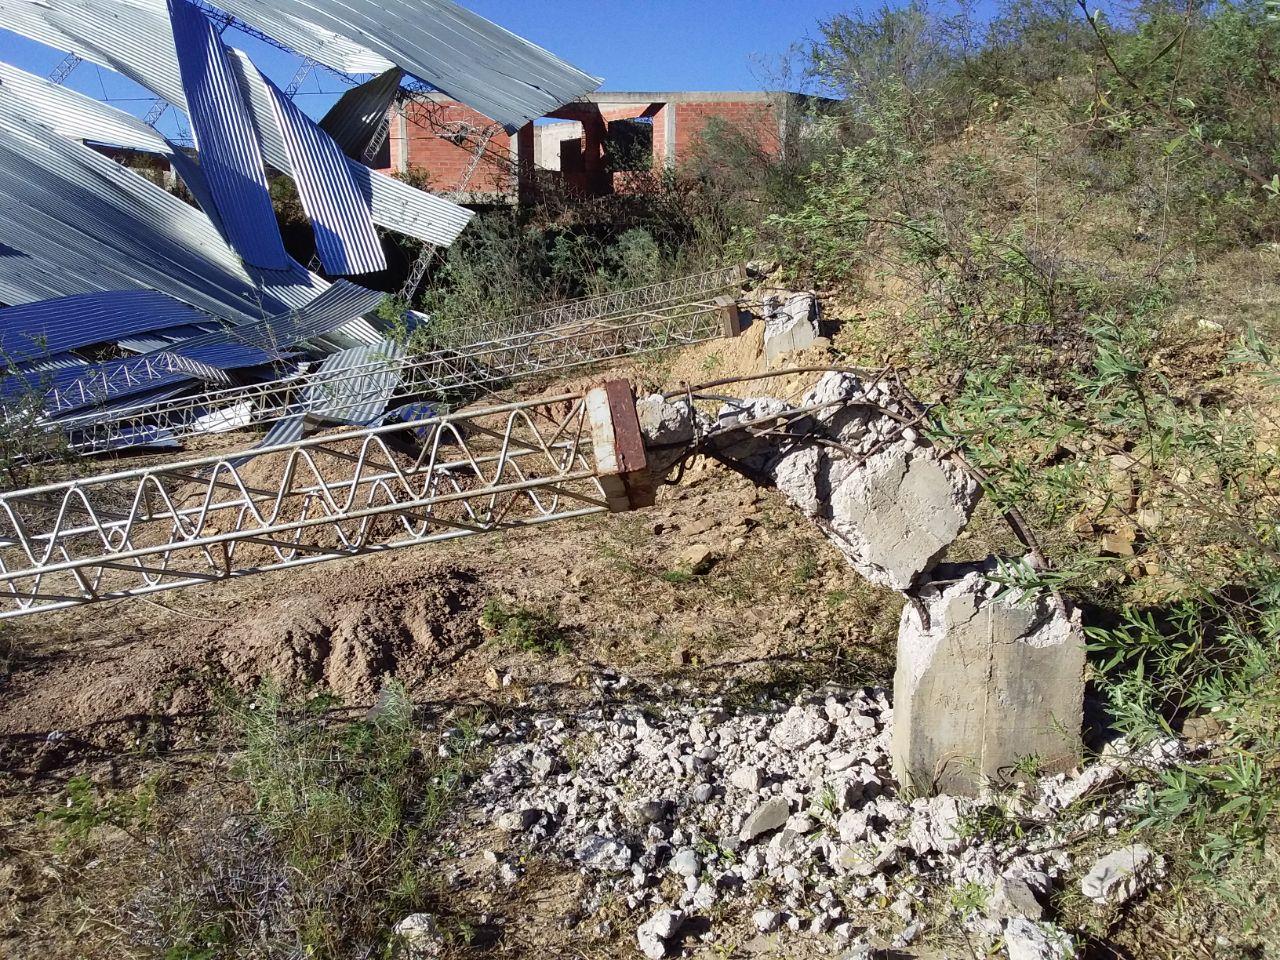 (FOTOS) Techos, tinglados y vidrios rotos de Unidades Educativas a causa de intensos vientos